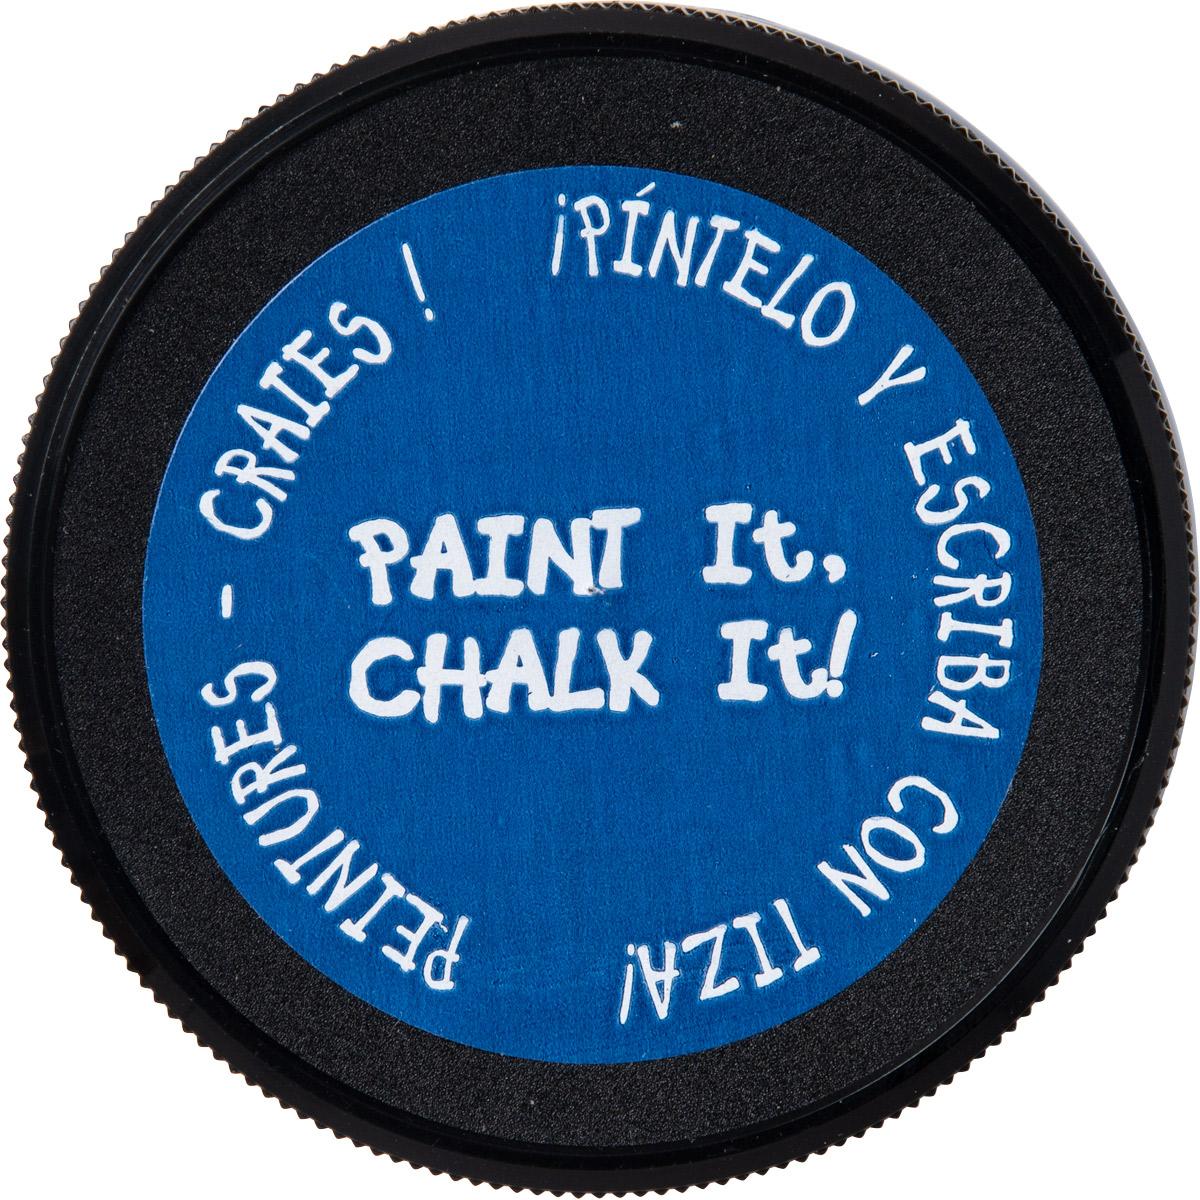 FolkArt ® Chalkboard Paint - True Blue, 8 oz.